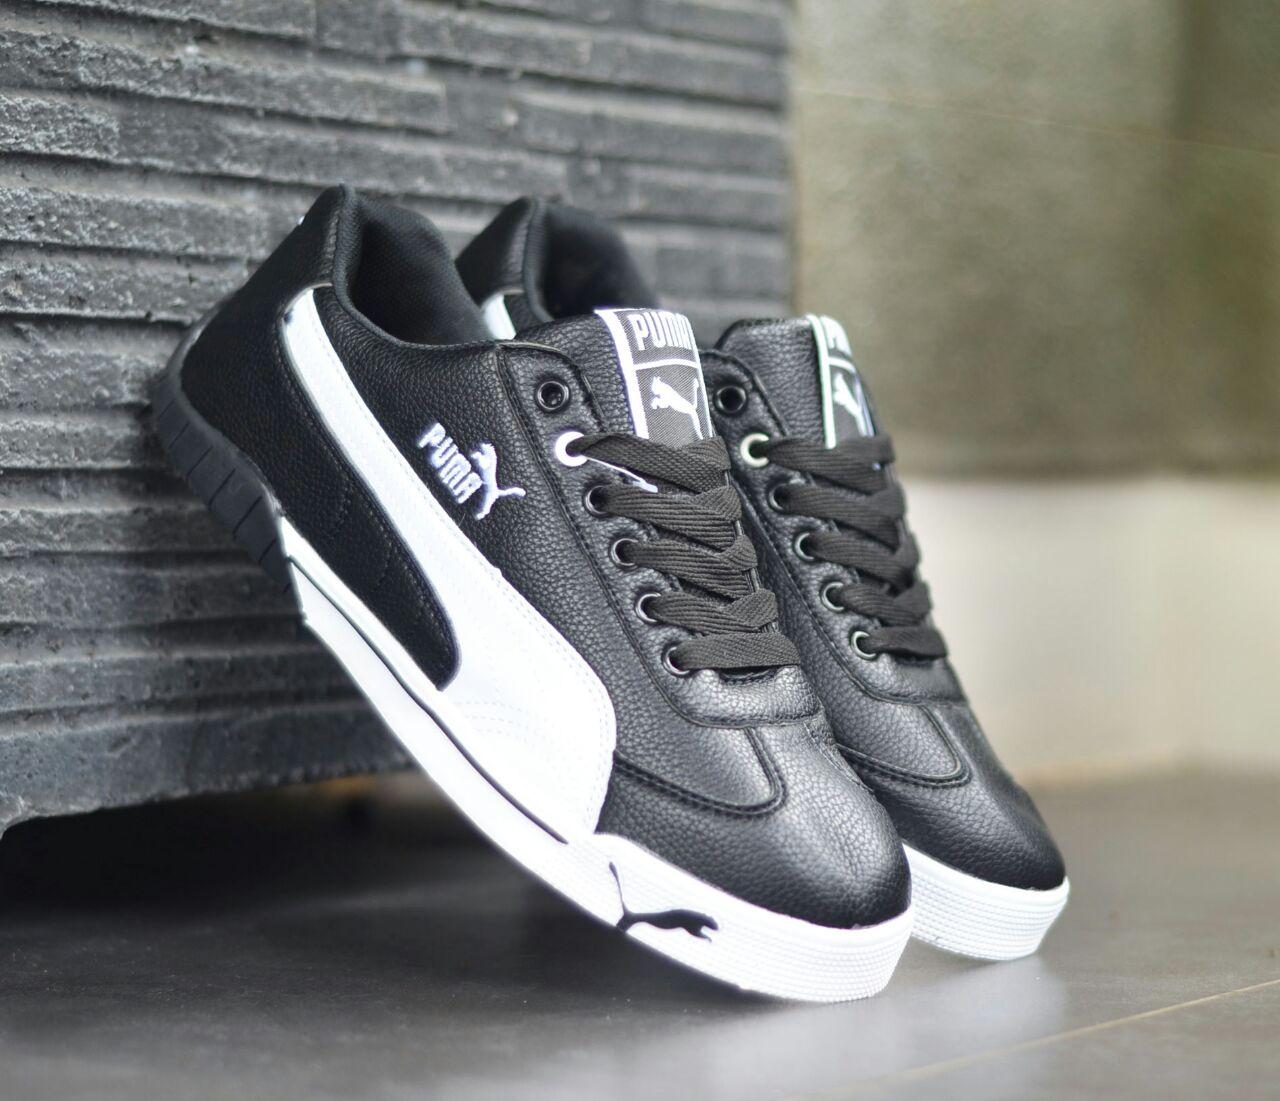 sepatu casual puma ferrari leather hitam putih original 7acd50ce33